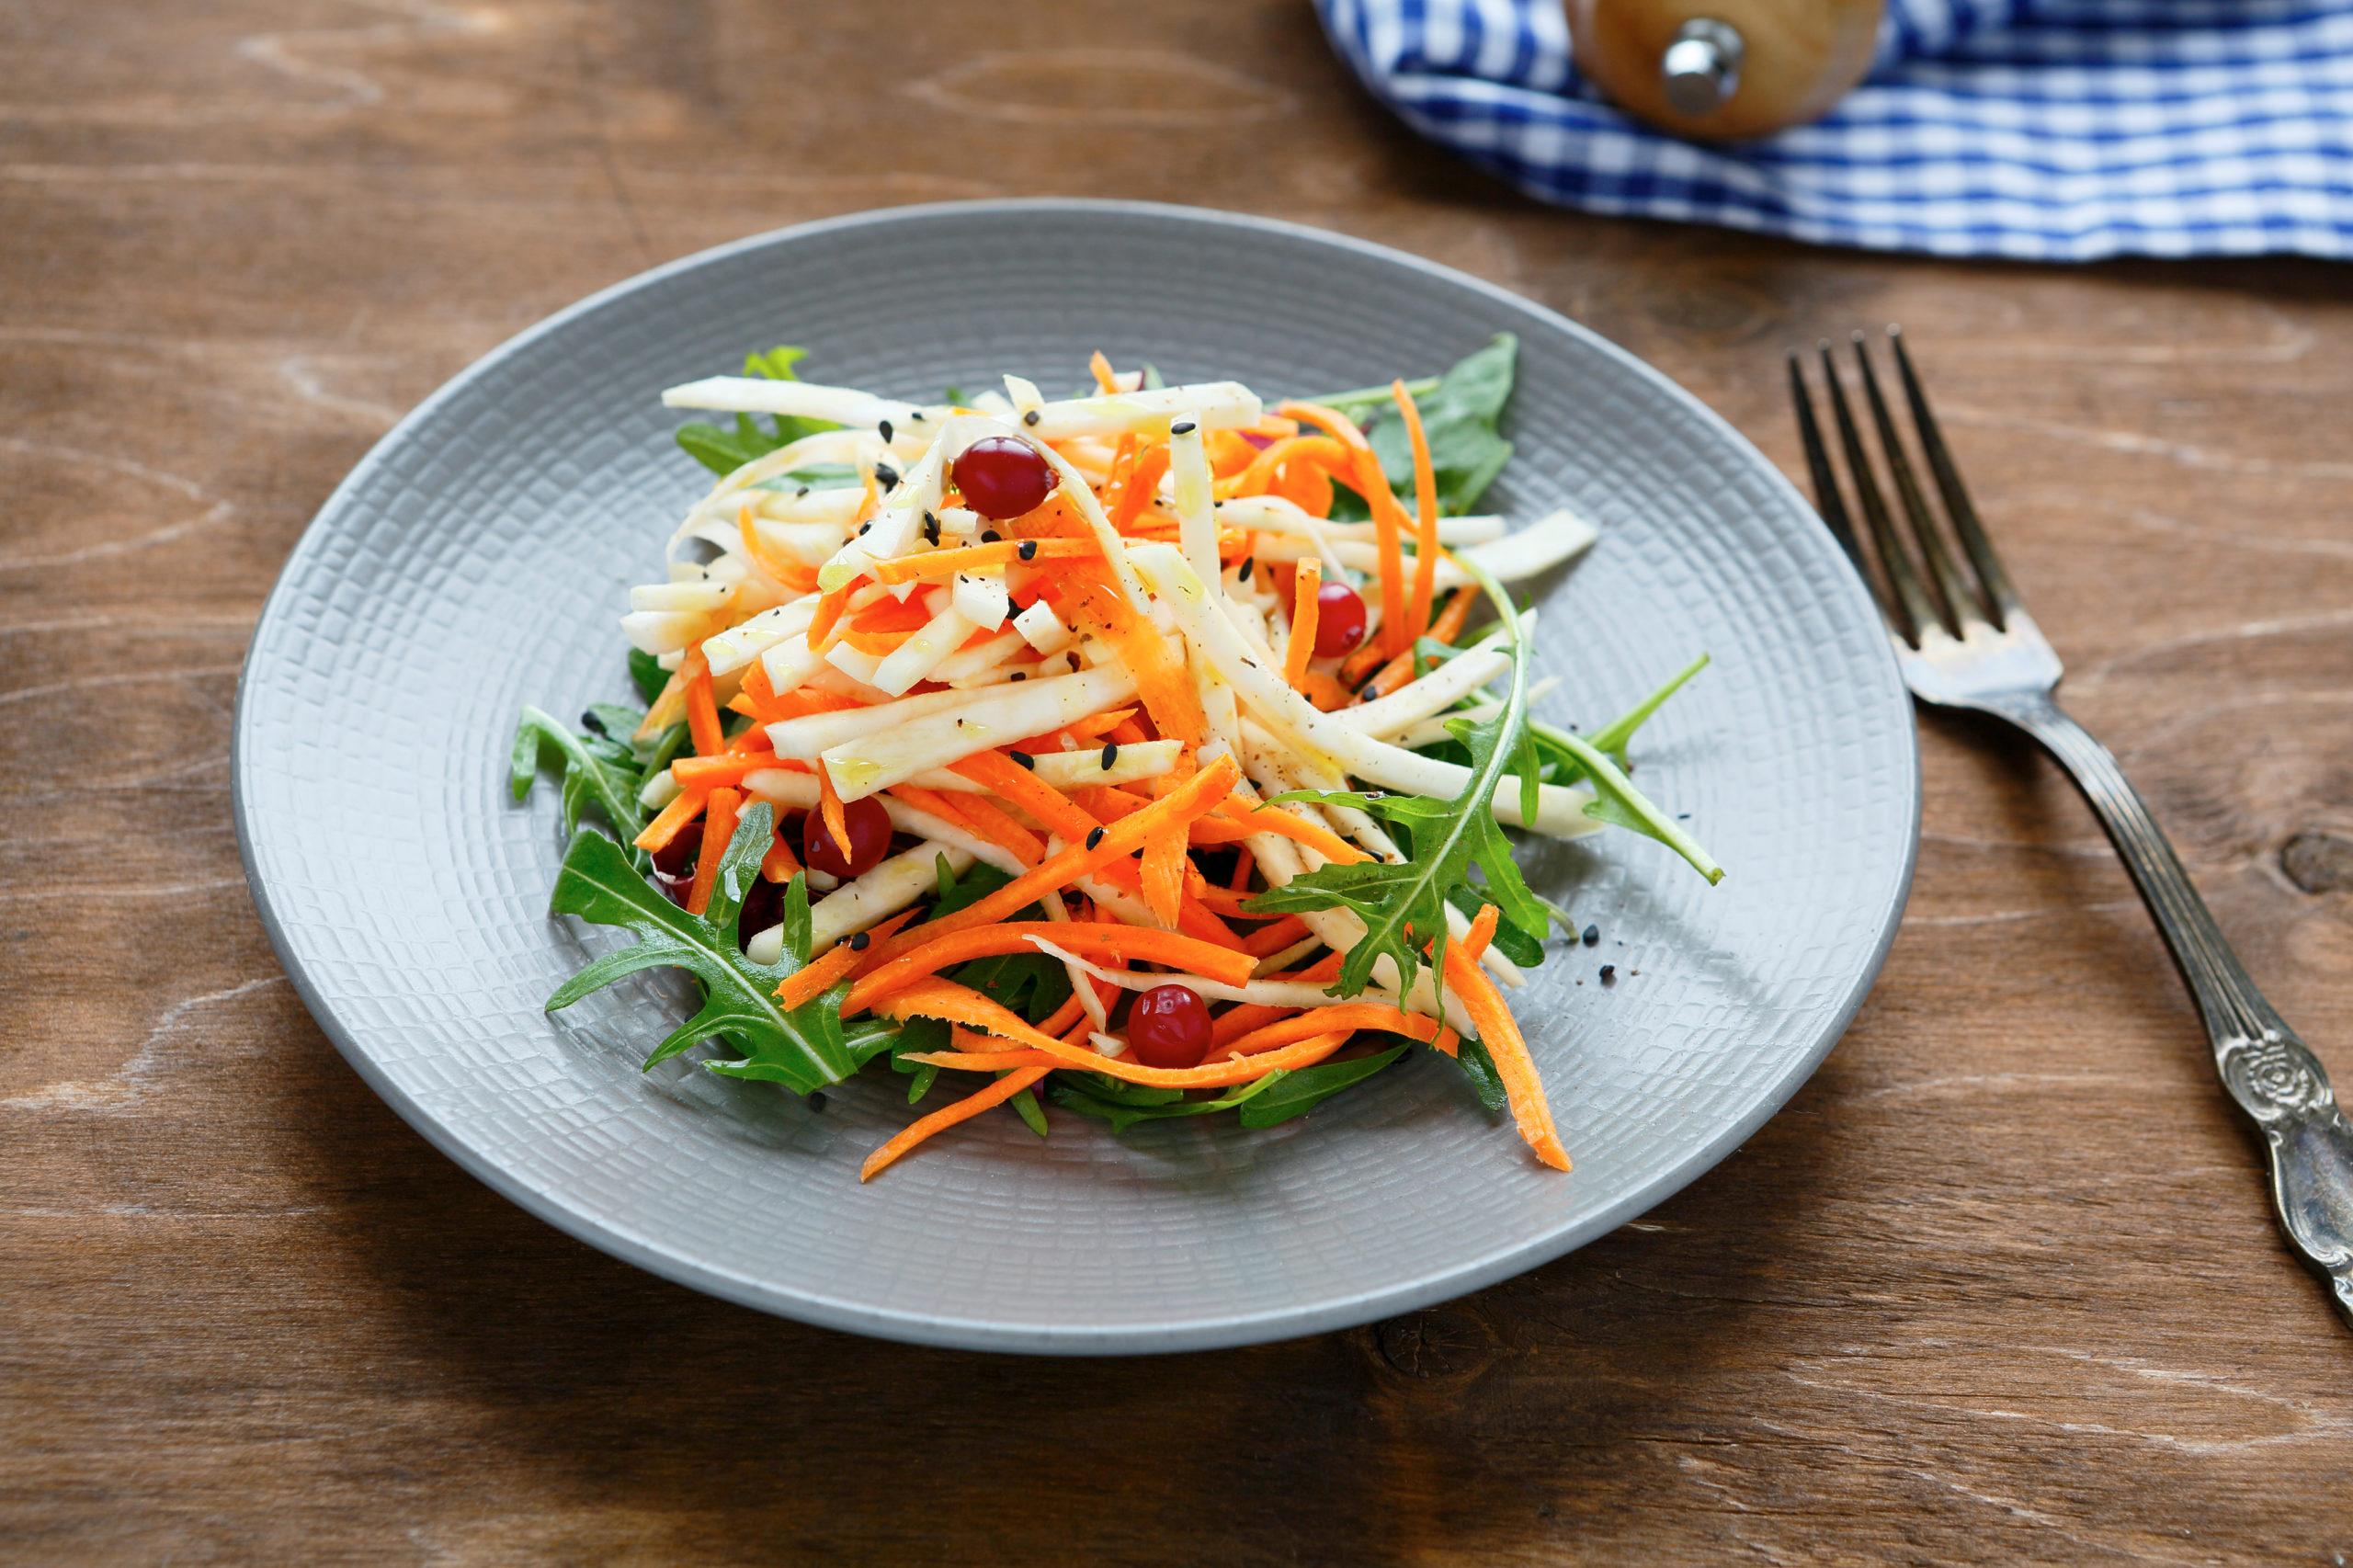 Nouvelle salade céleri rémoulade et carottes rappées.